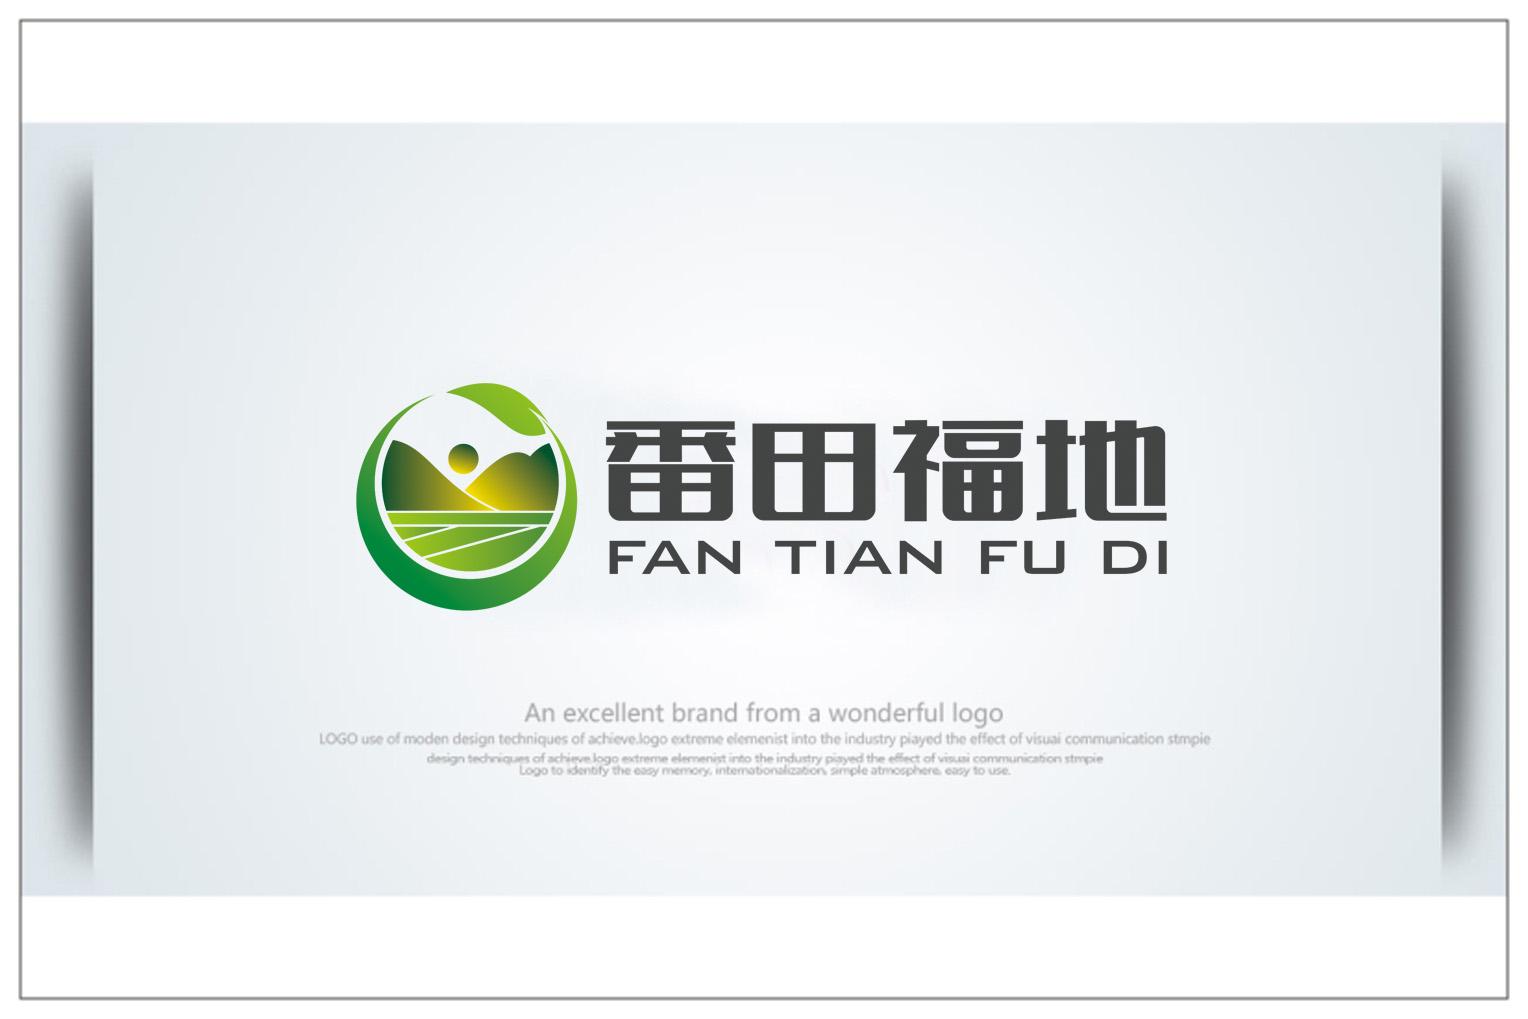 """铁棍山药商标""""番田福地""""logo设计_2959067_k68威客网"""